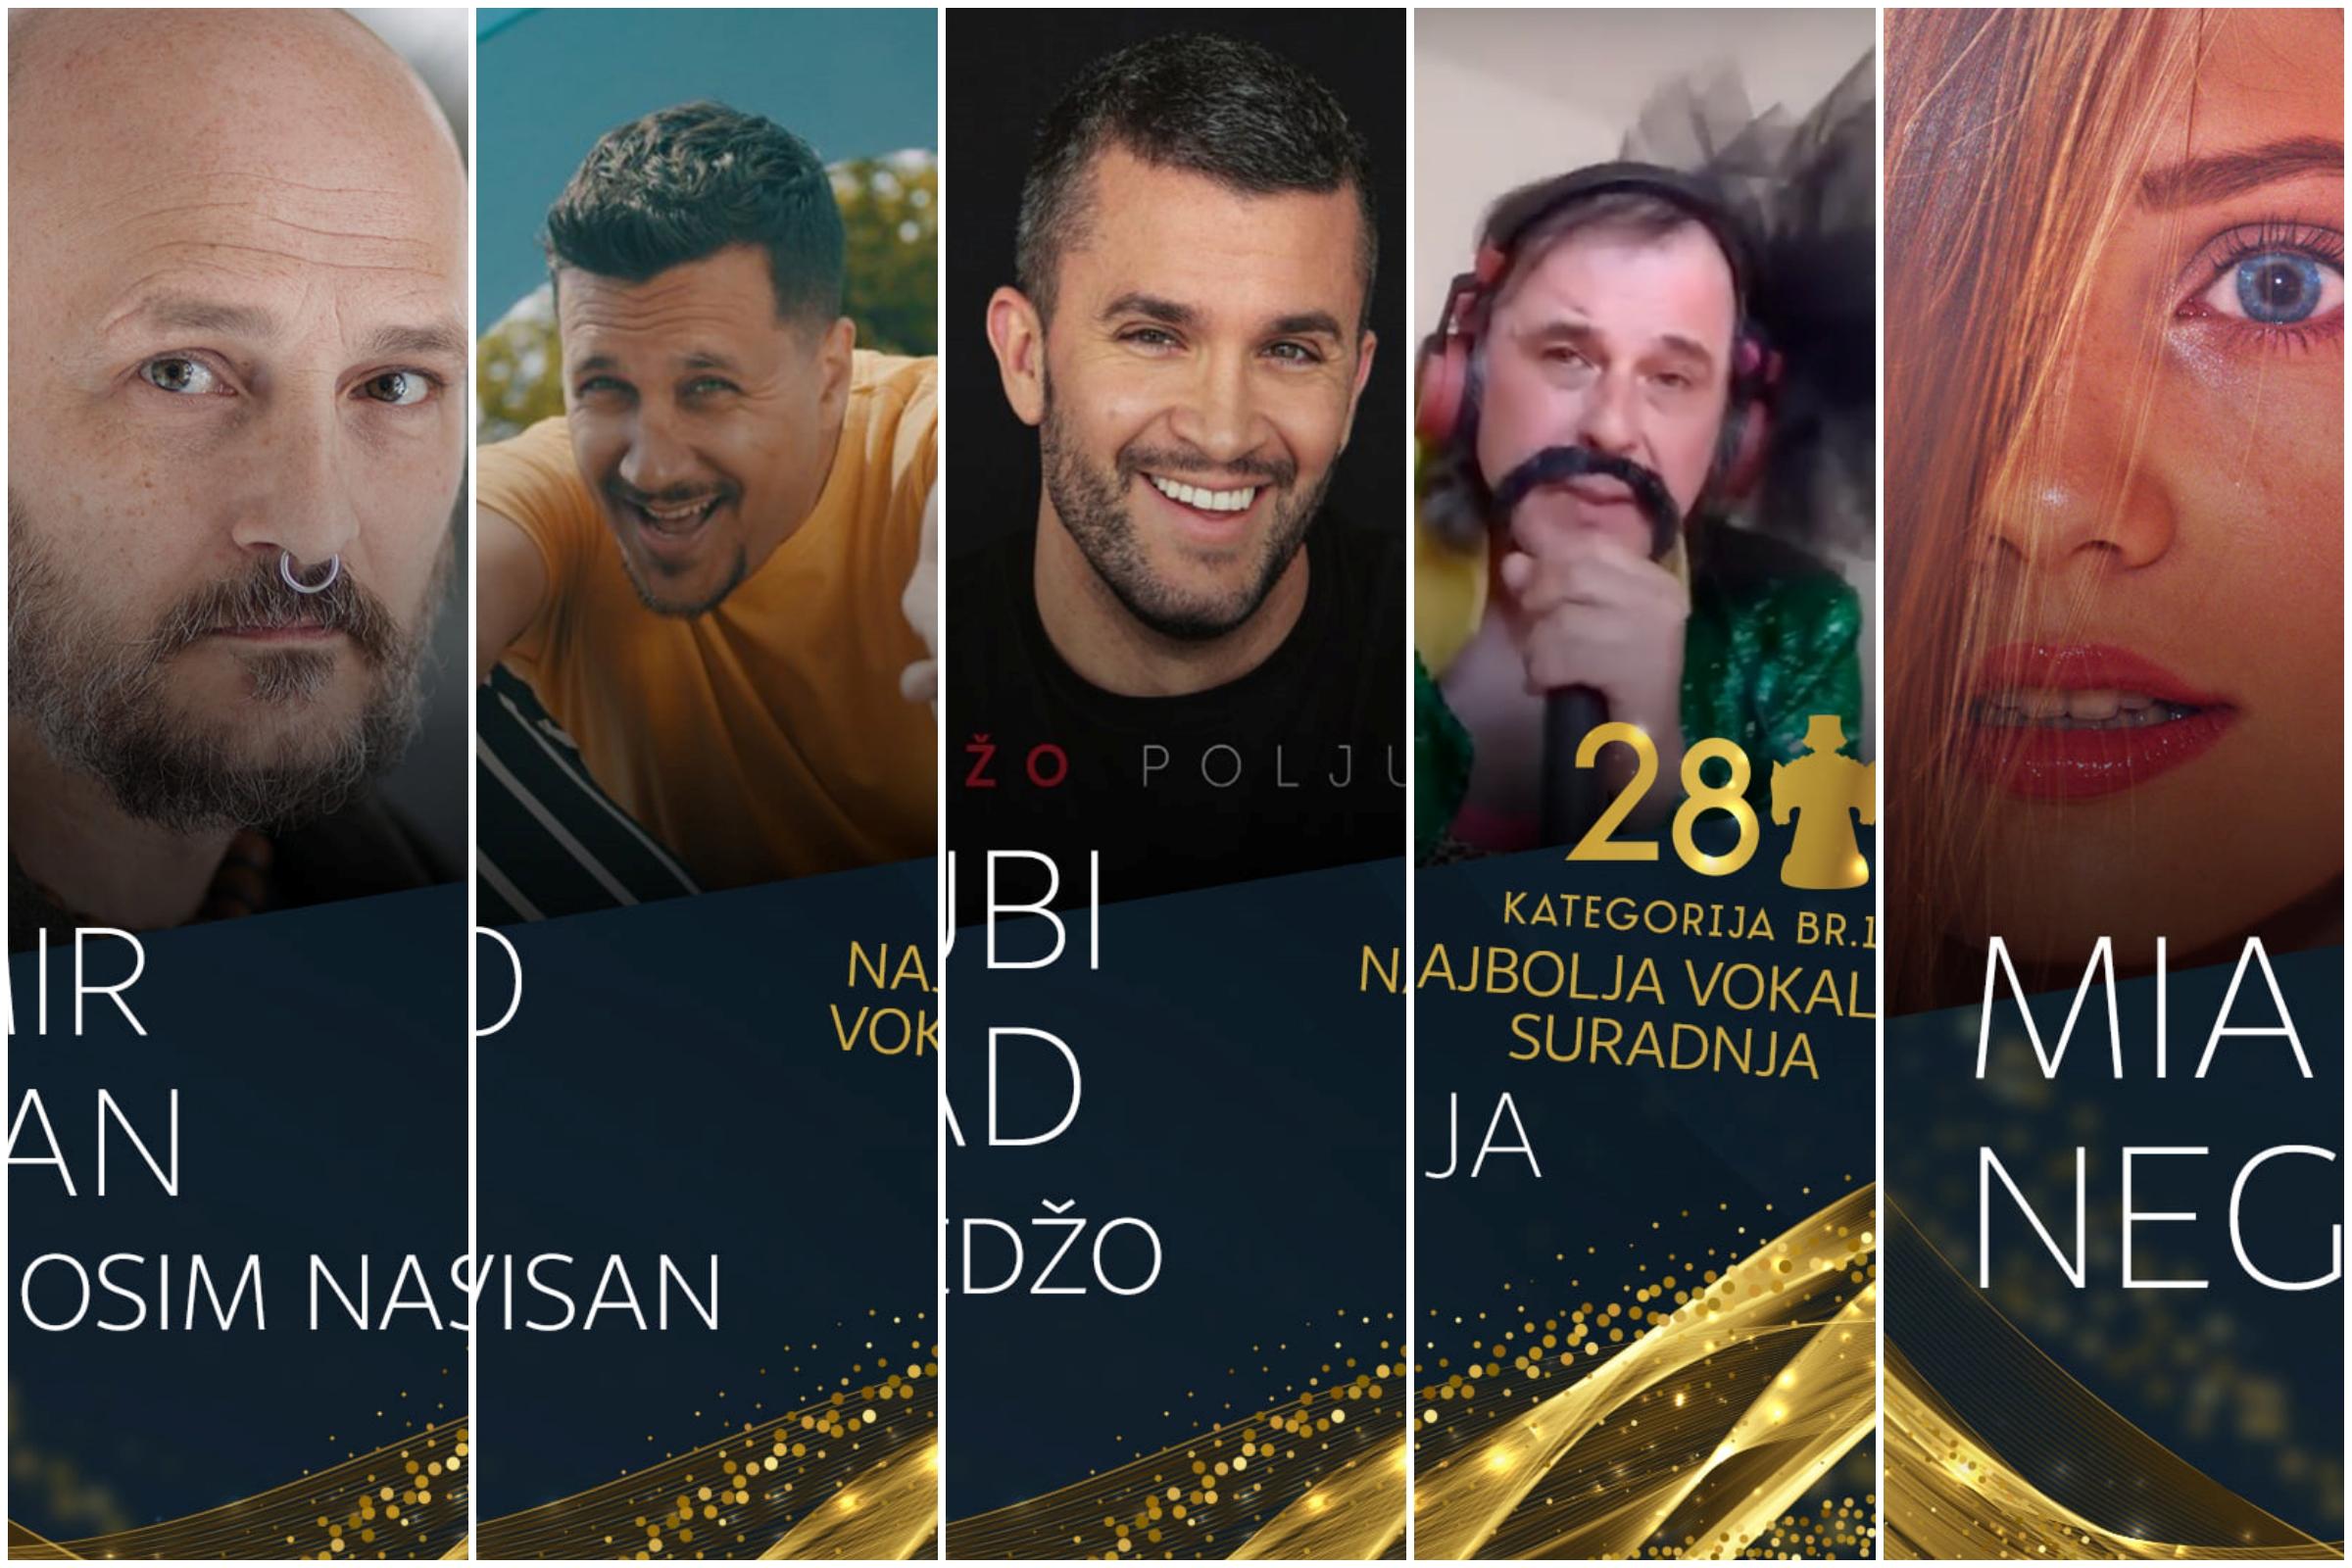 Riječki glazbenici nominirani za Porin